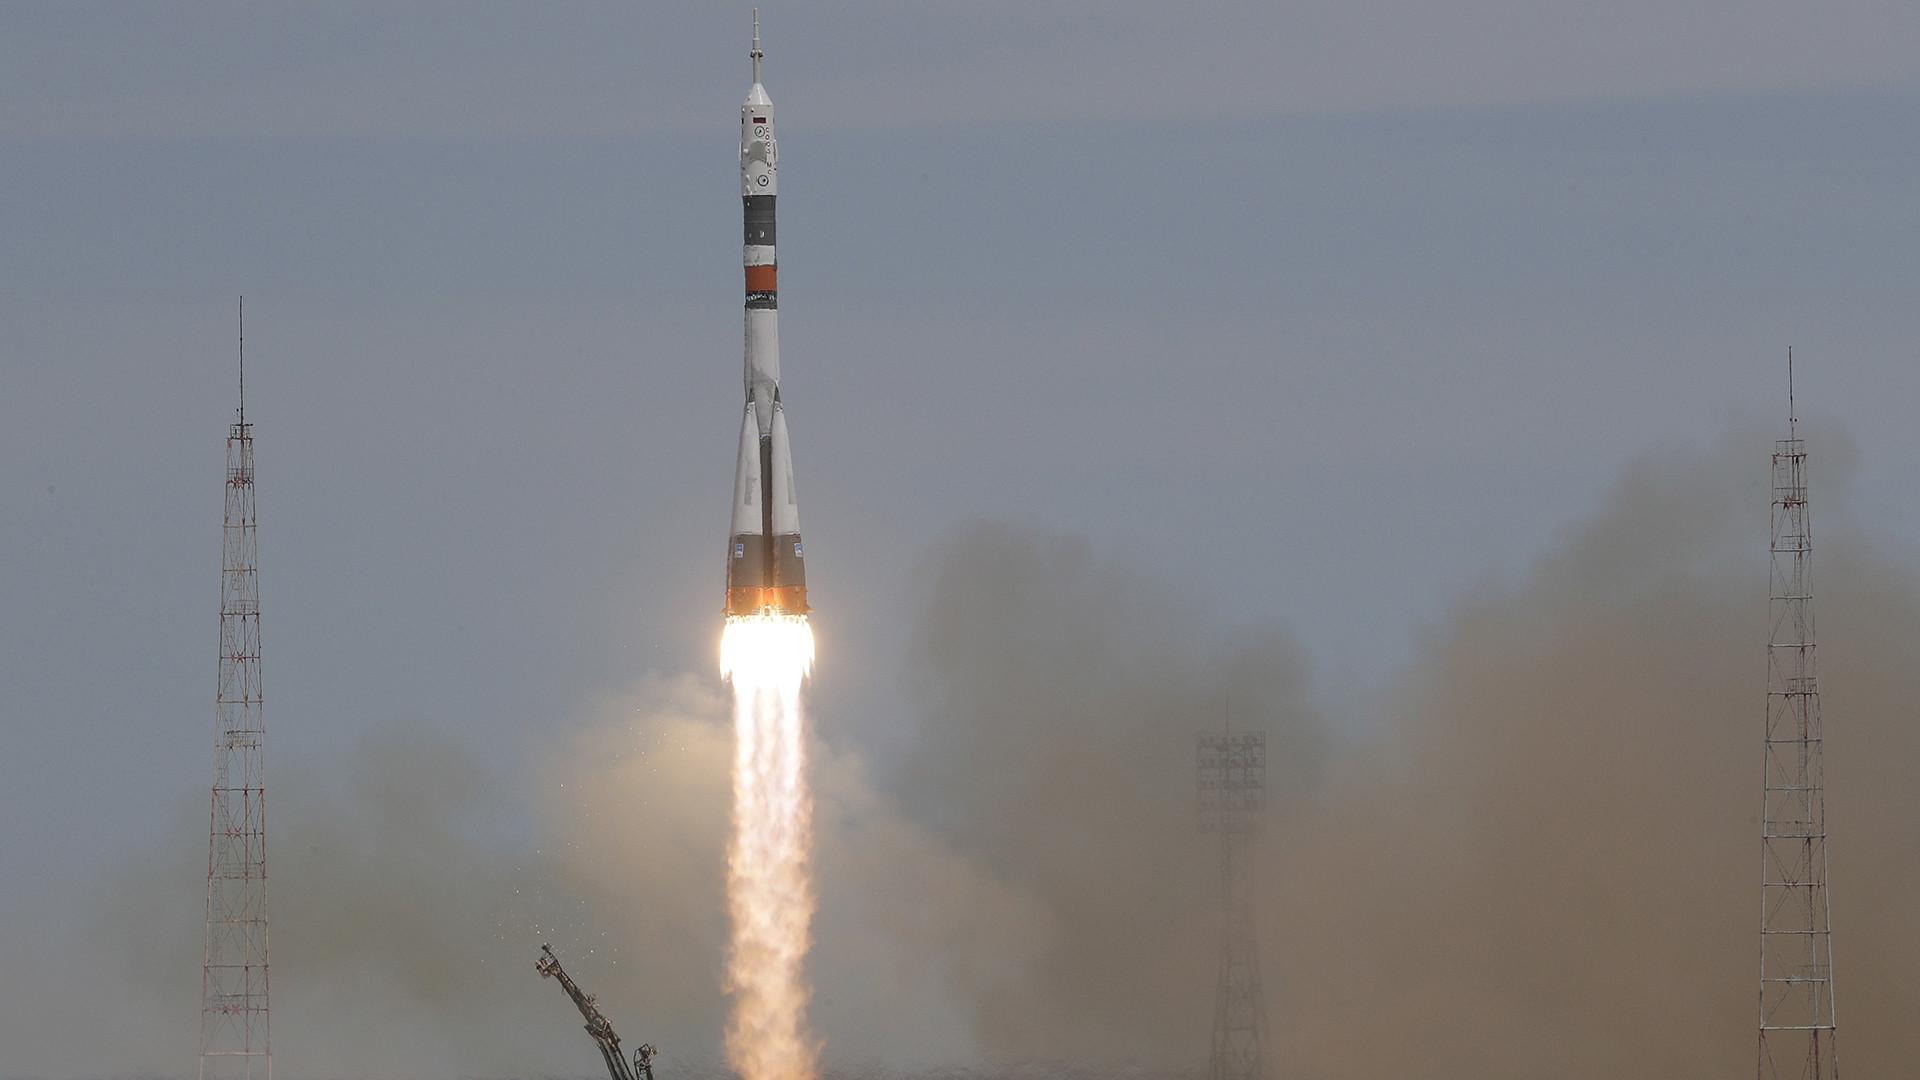 russian spacecraft soyuz - photo #29